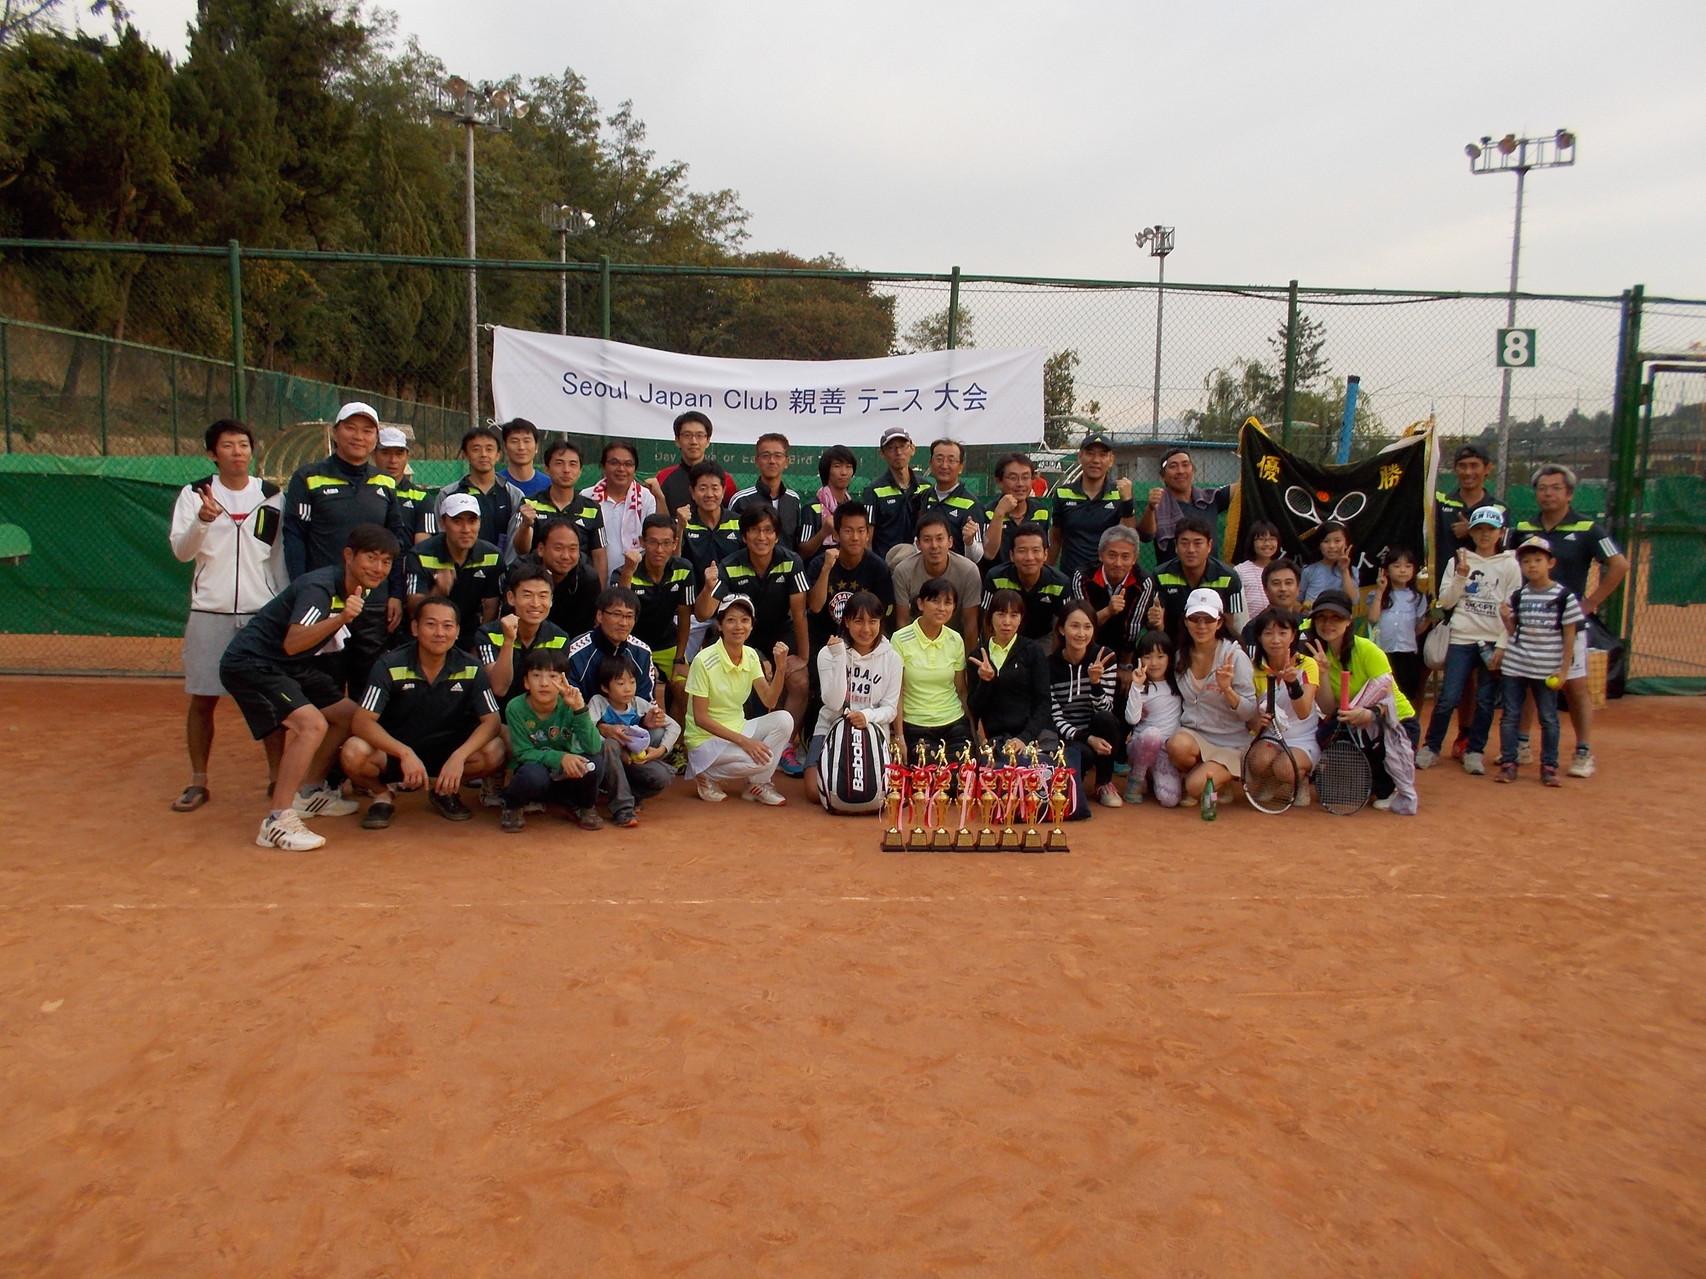 2014年10月 SJCテニス大会、Aクラス優勝!!!